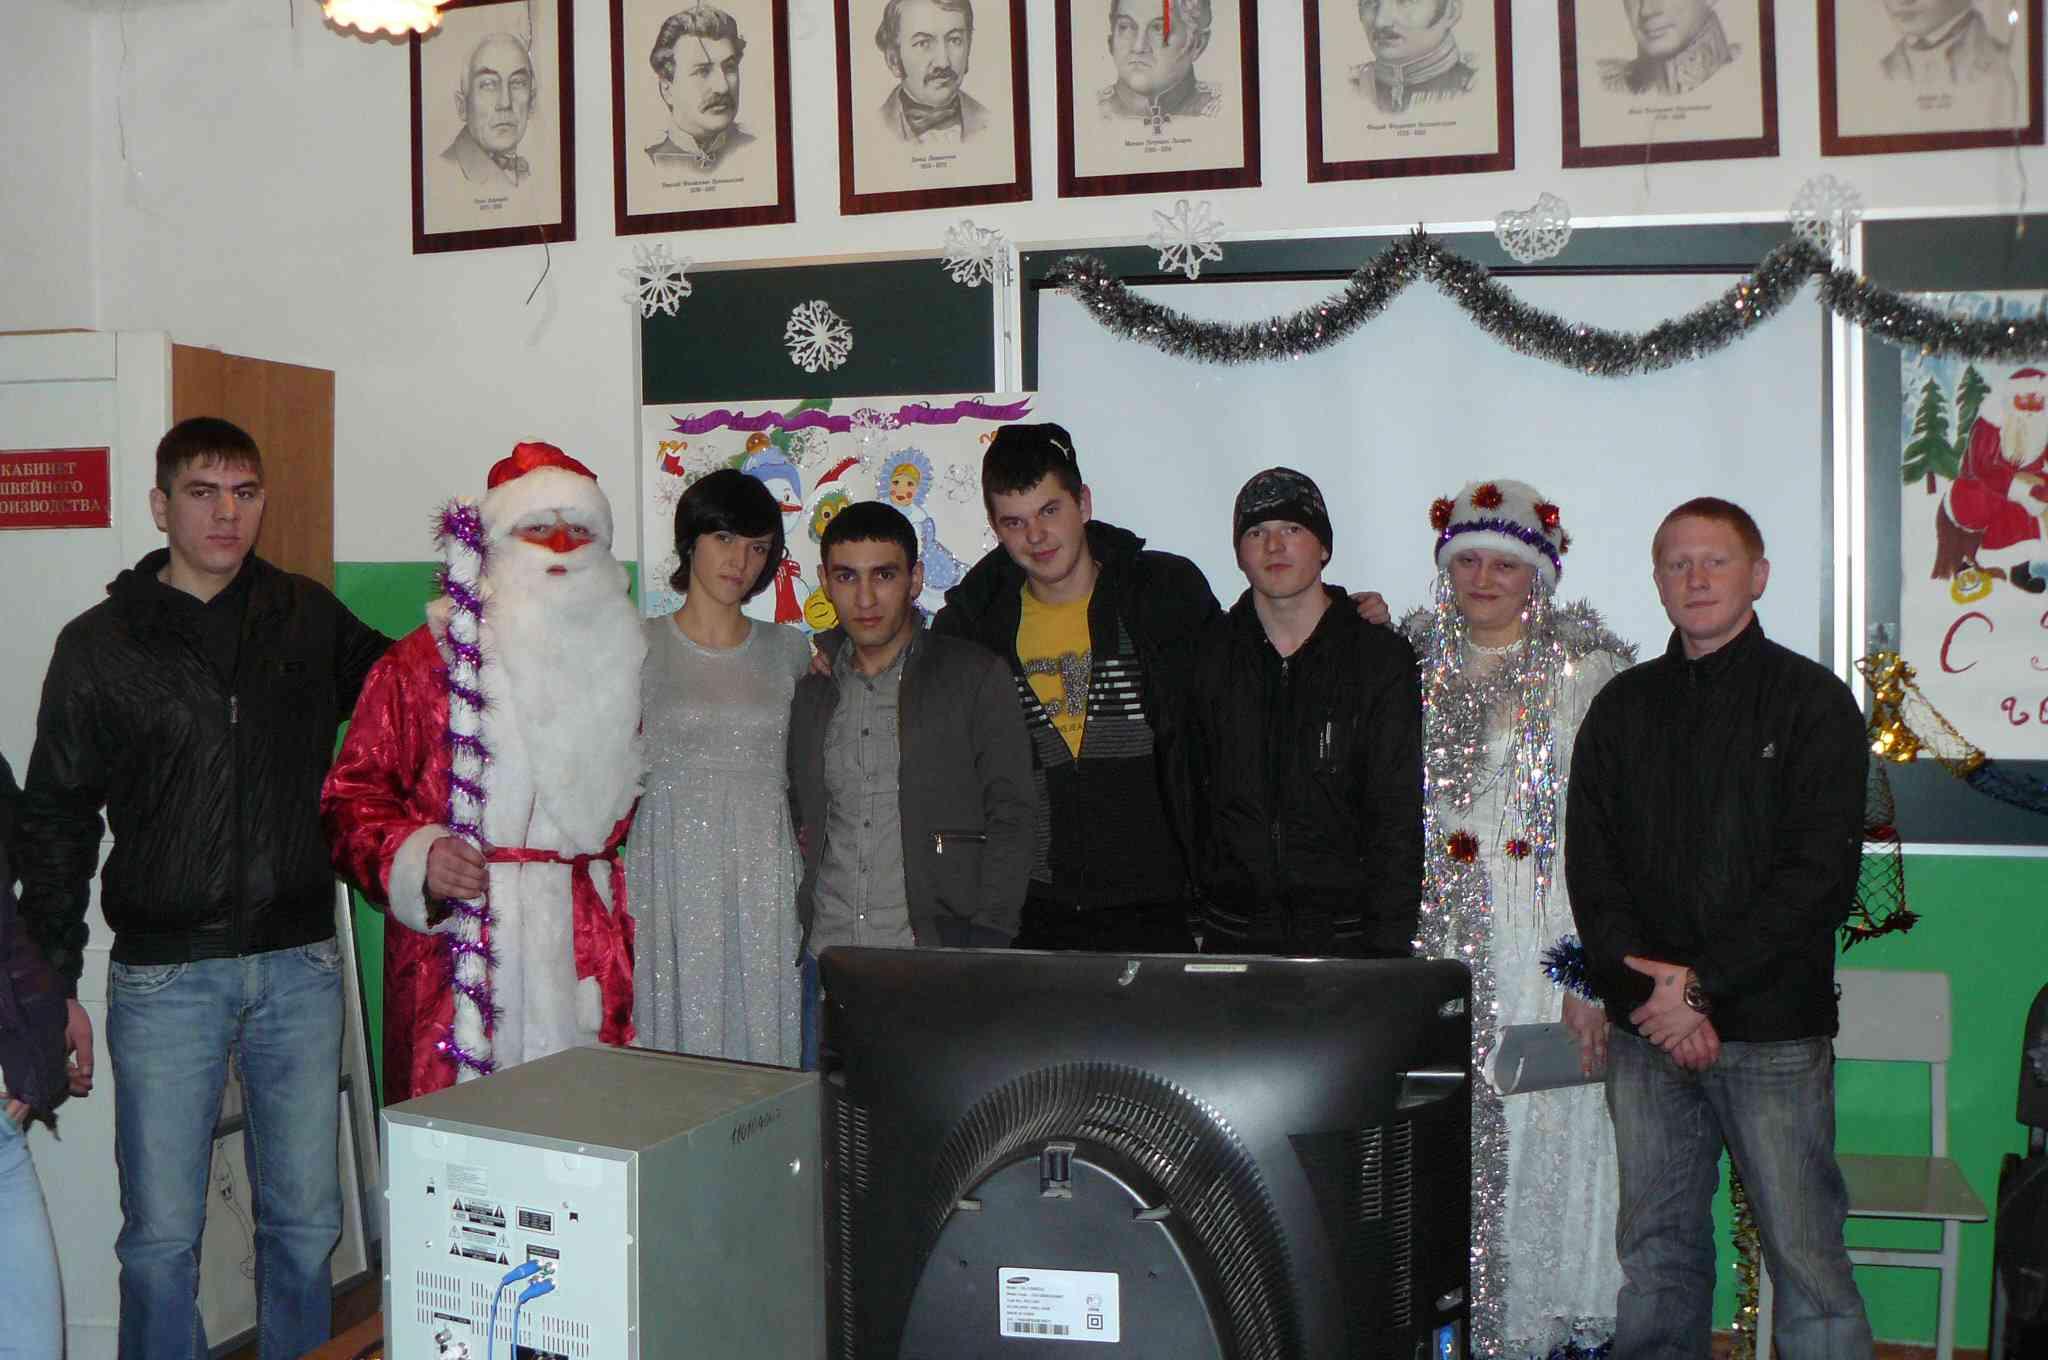 Фото на память с Дедом Морозом и Снегурочкой